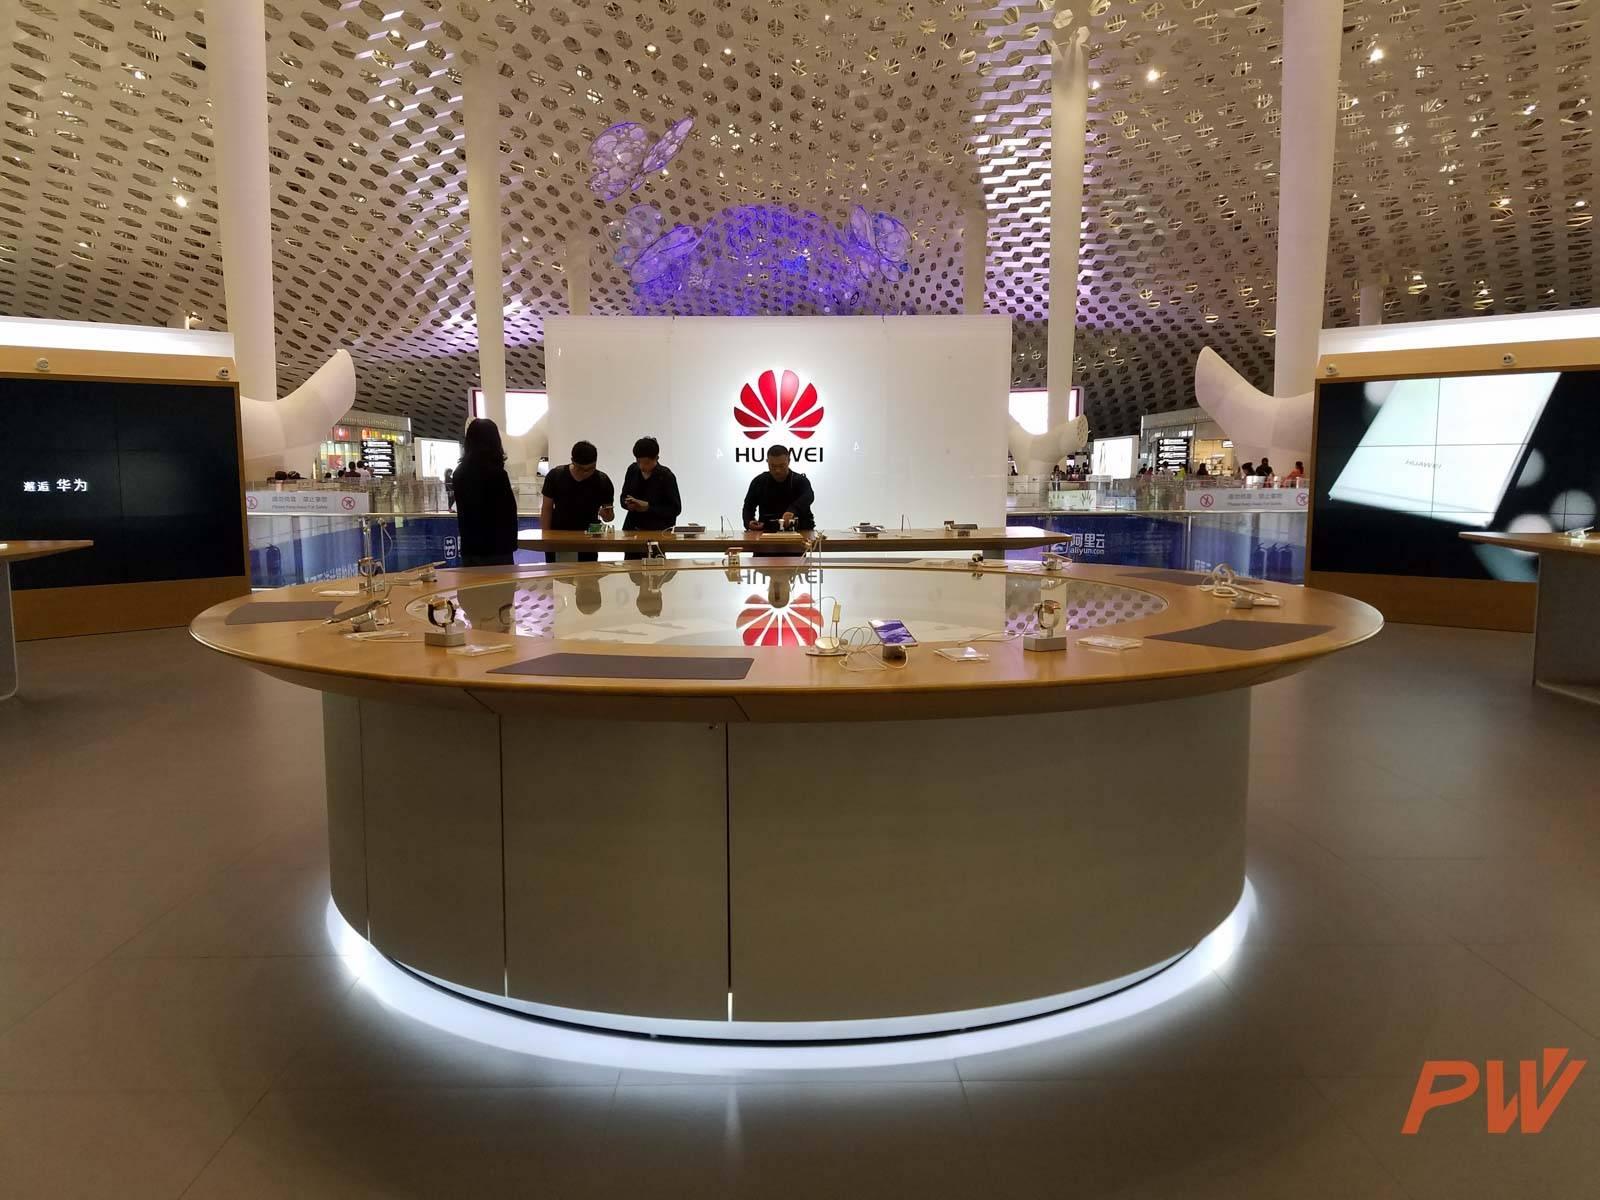 2016 年 3 月 10 日,华为在深圳宝安机场开设了全球第一家也是目前唯一一家直营店,只做展示,不销售产品。